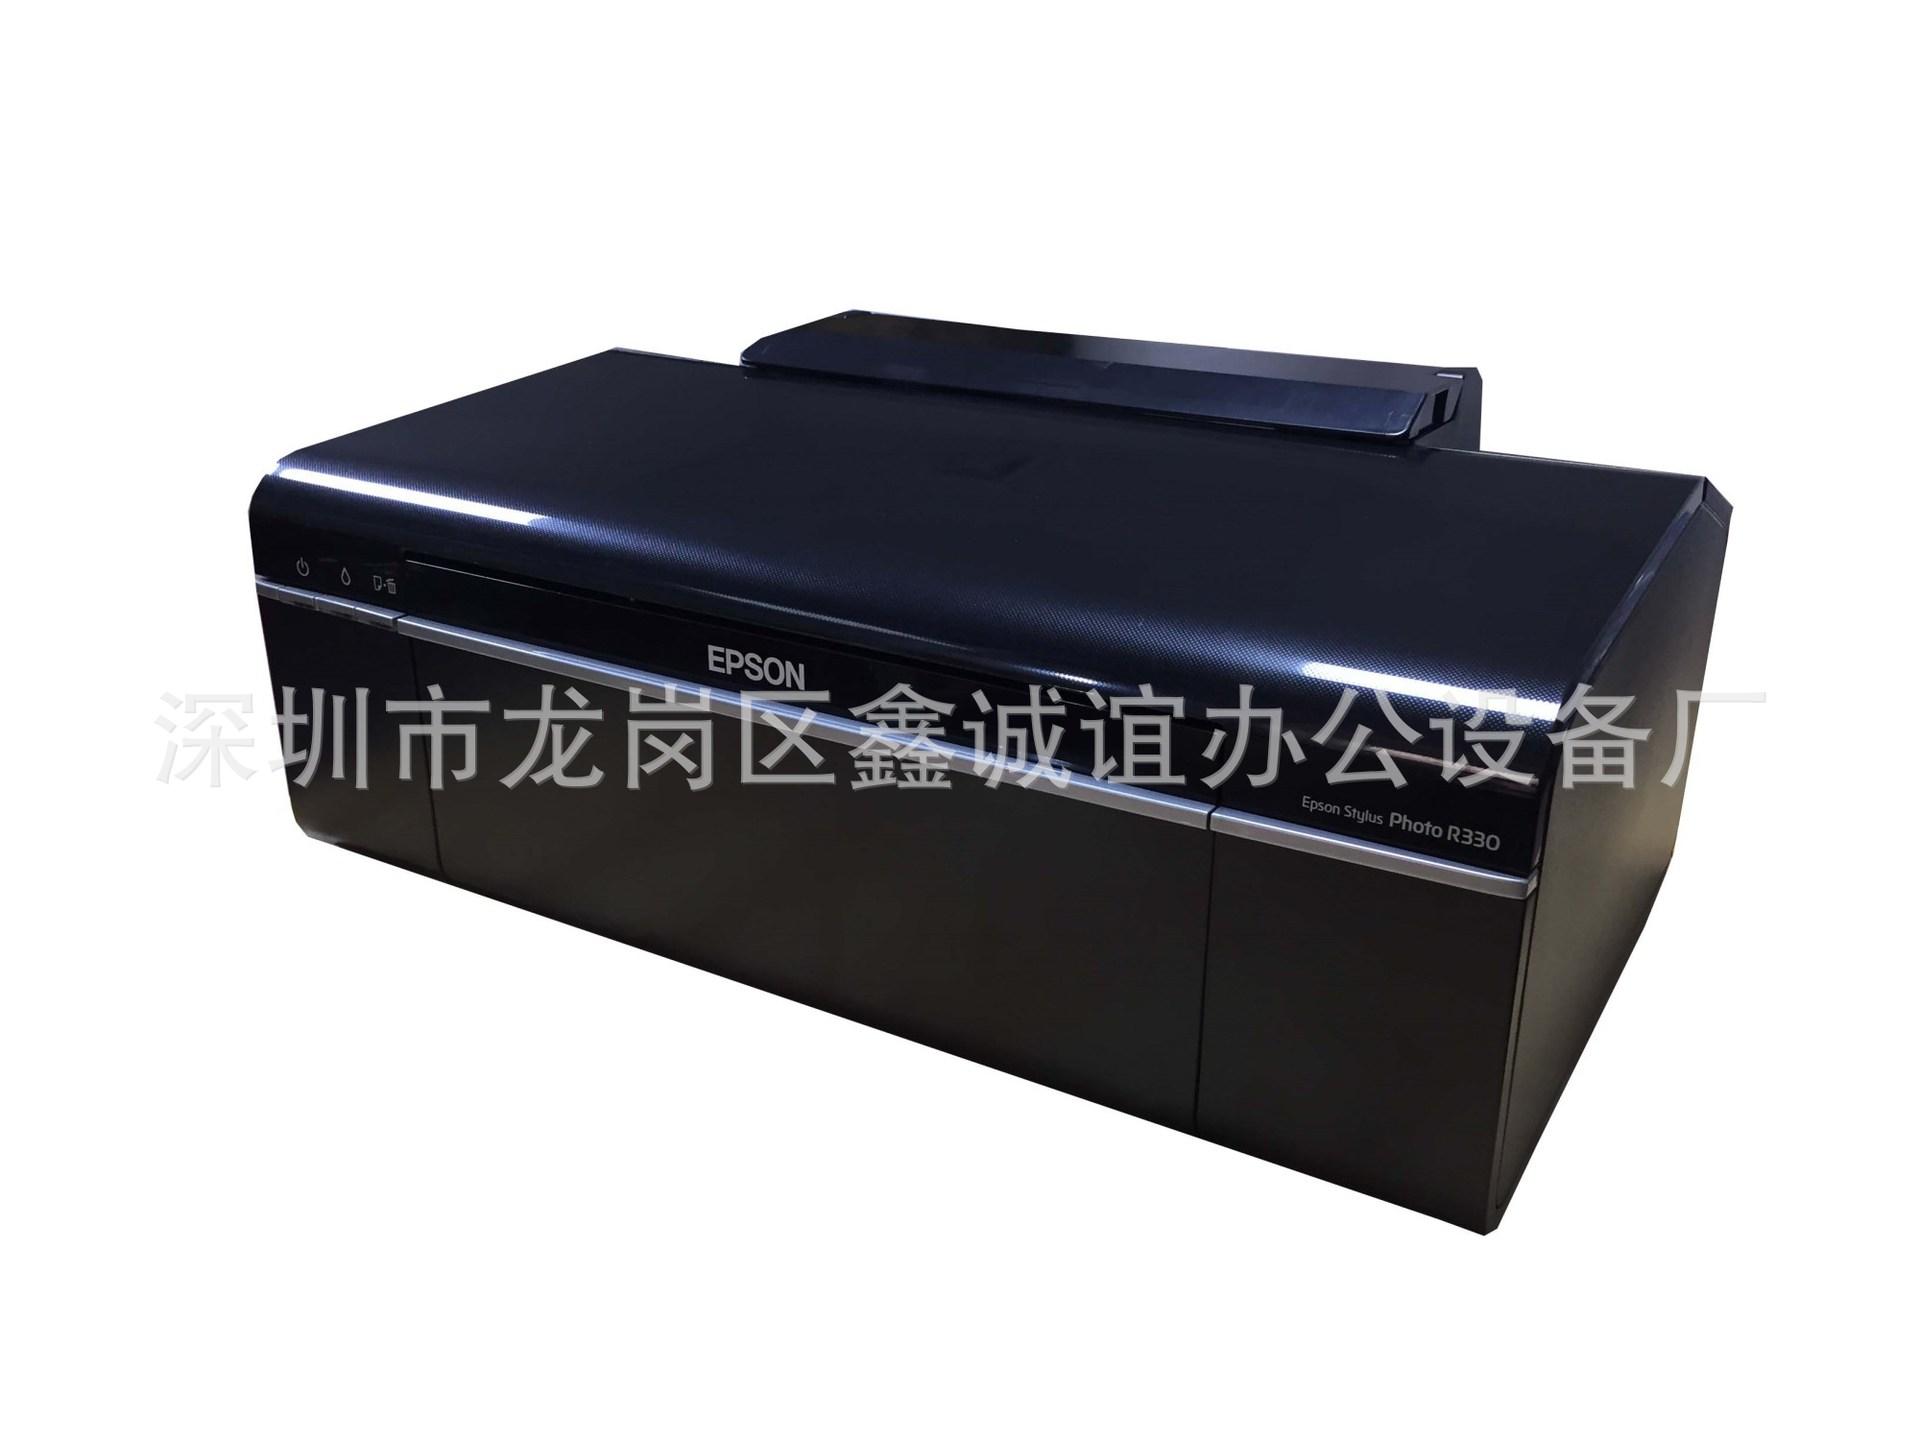 Được sử dụng để thay đổi R330 Epson L800 đĩa có in hình ảnh siêu